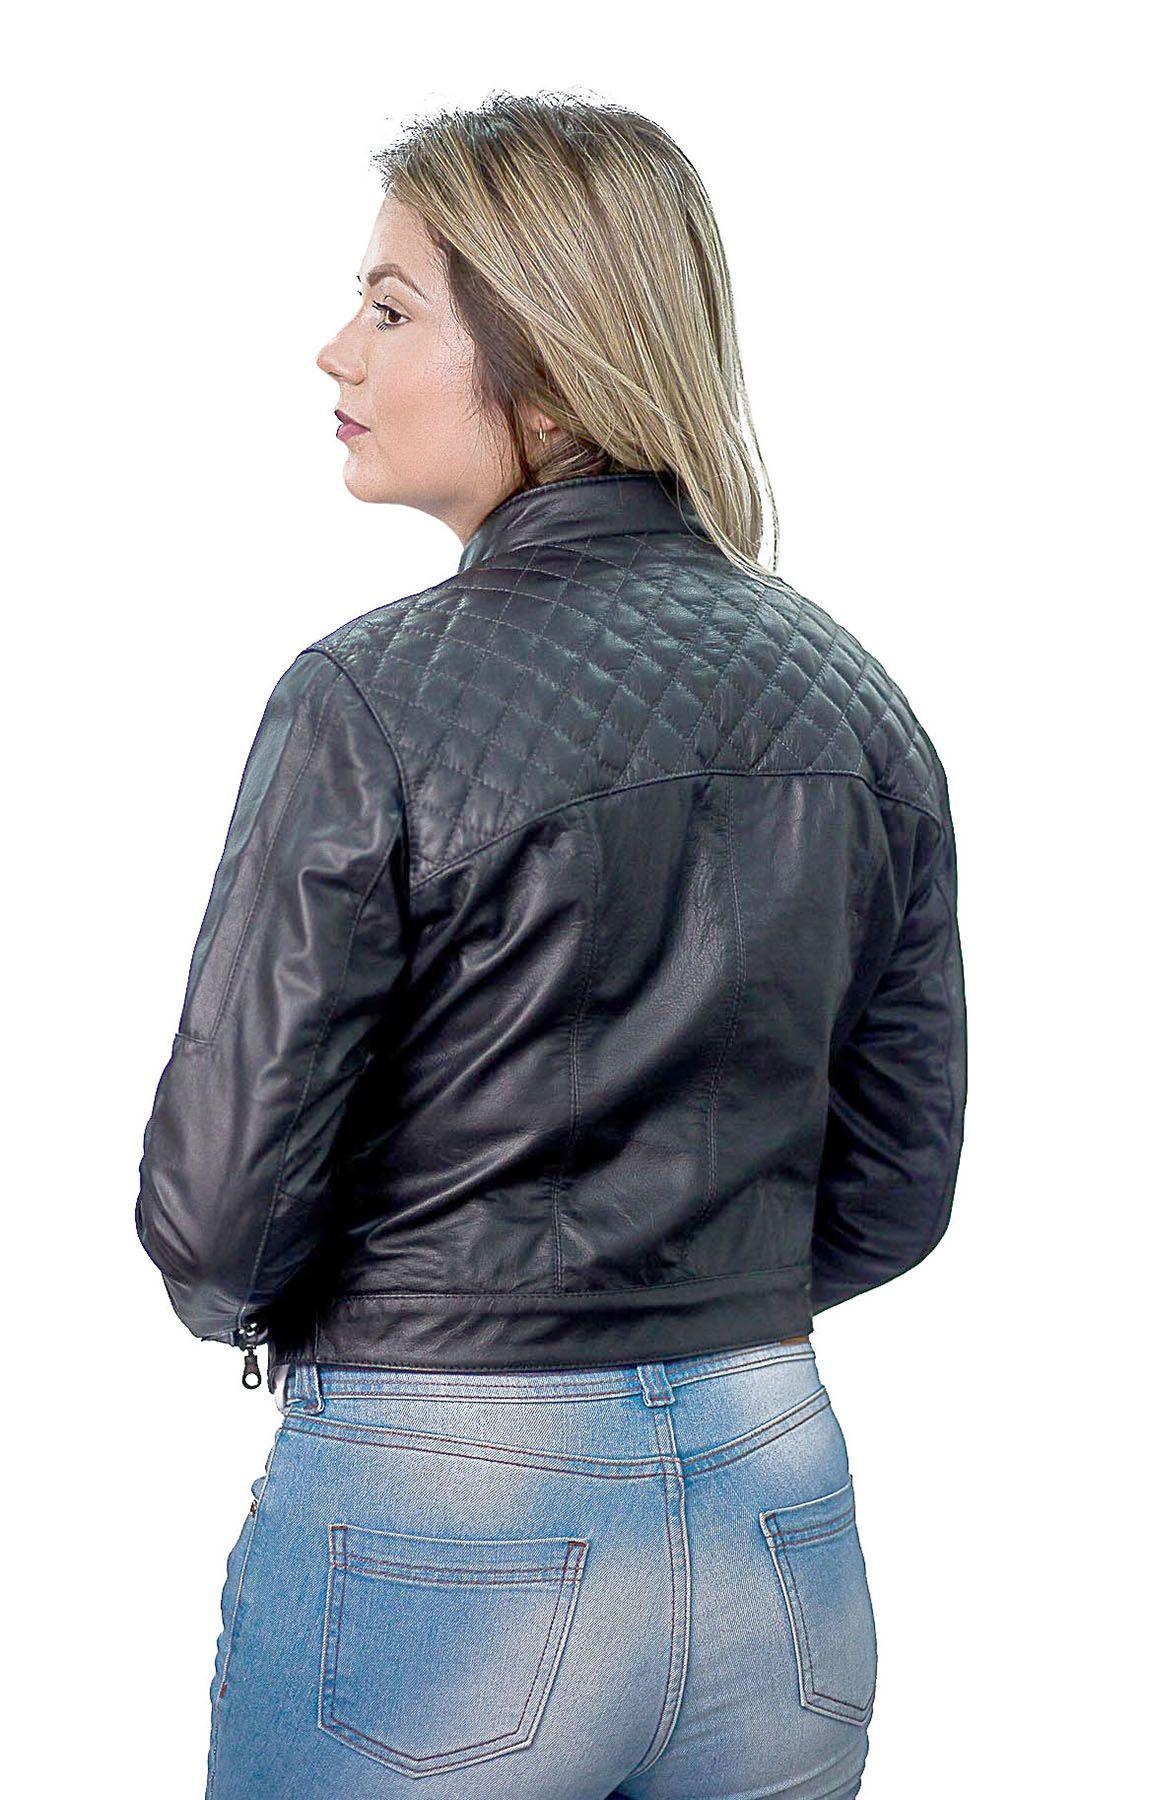 Jaqueta Feminina 188 Vest Preto